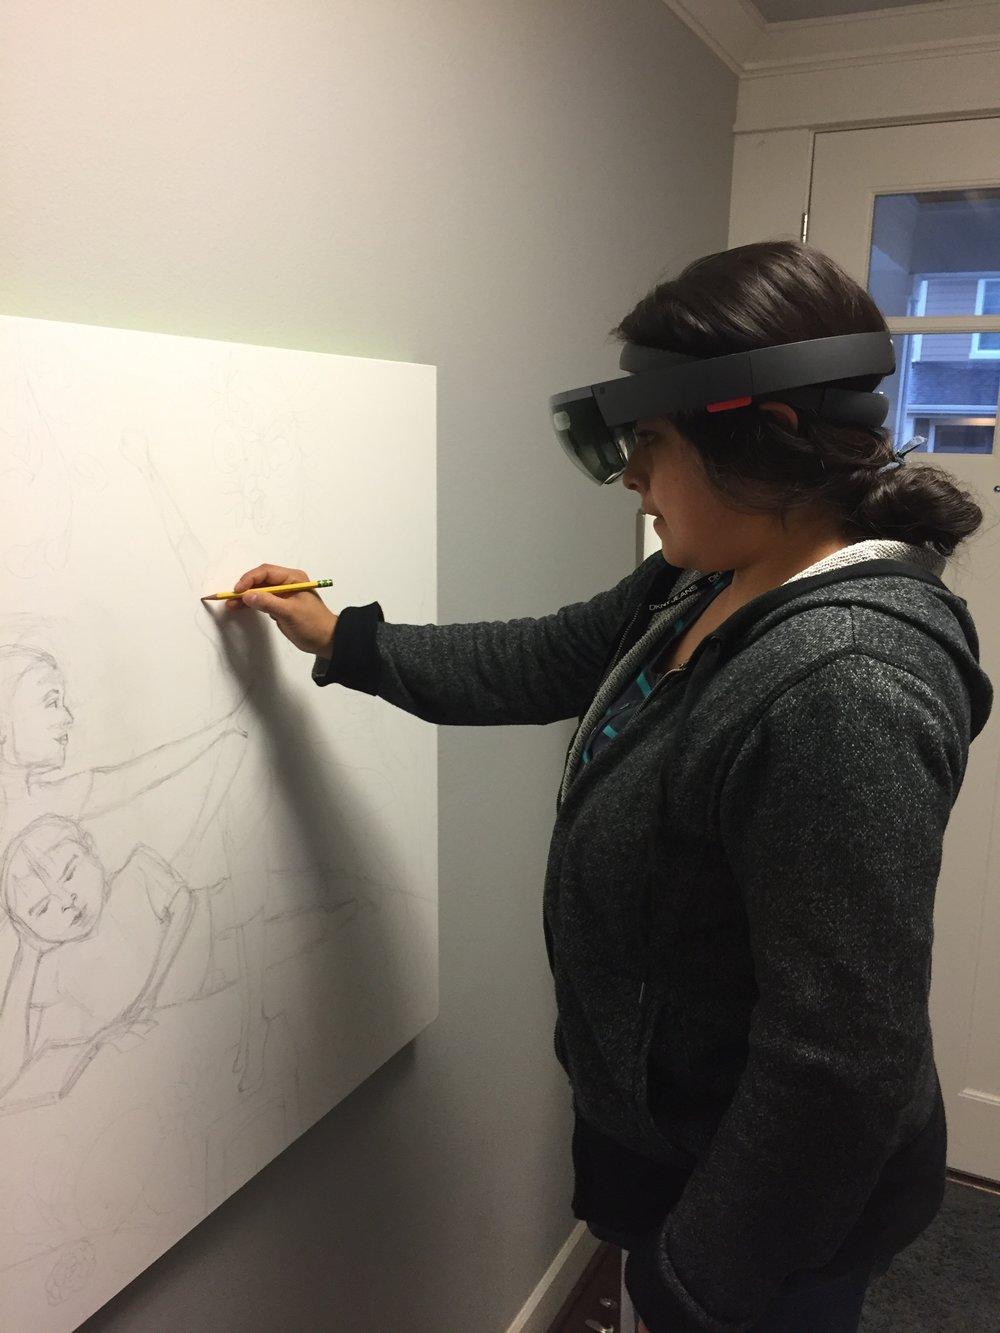 Cristina & the HoloLens